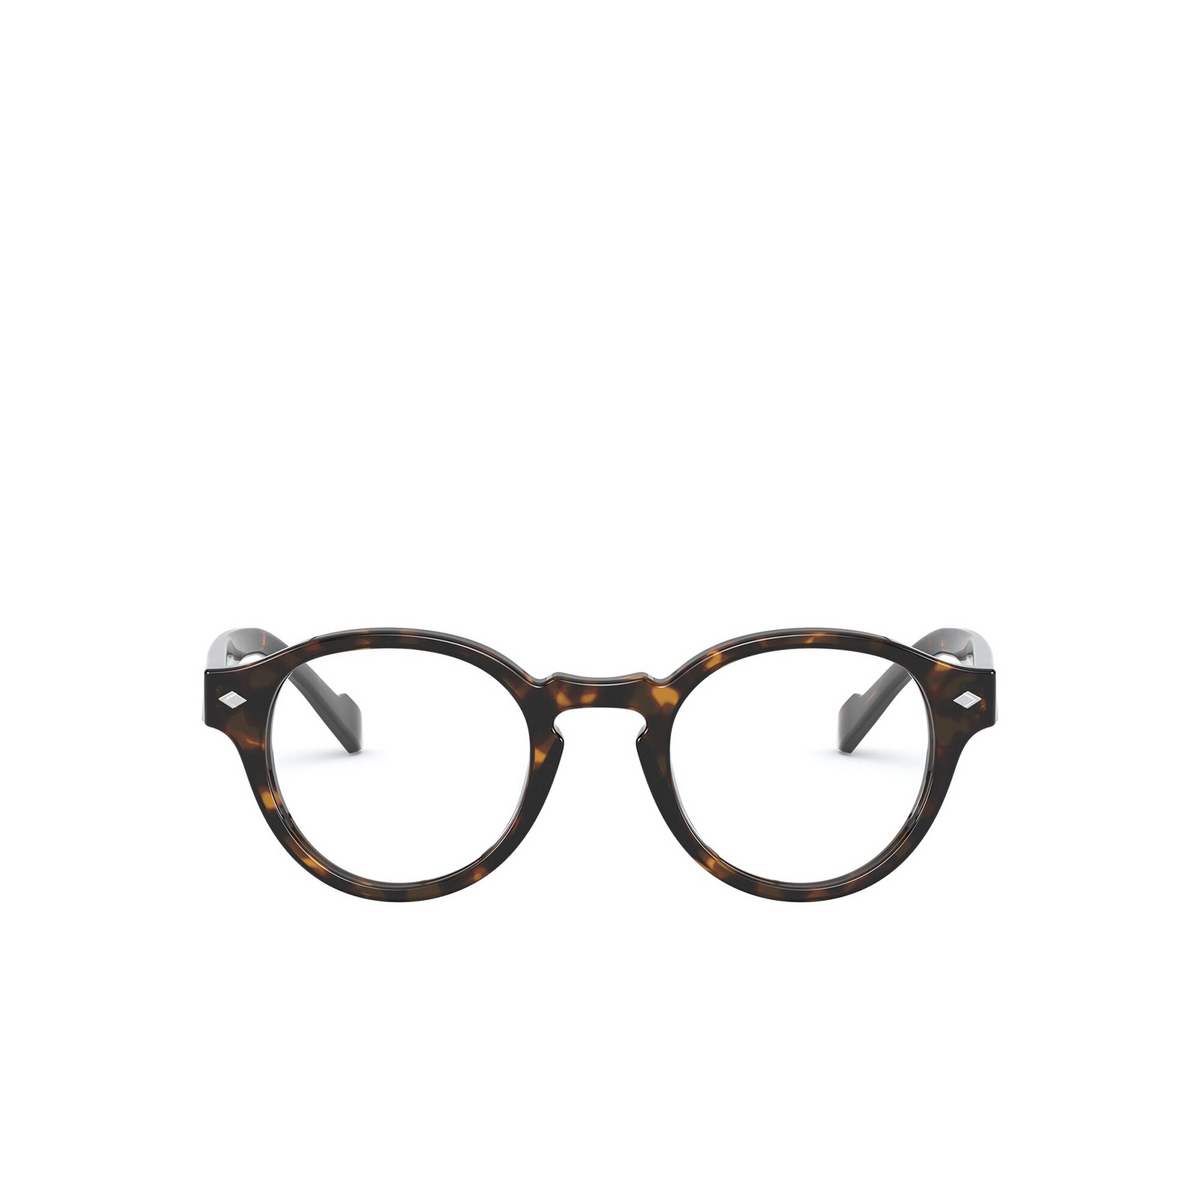 Vogue® Round Eyeglasses: VO5332 color Dark Havana W656 - front view.